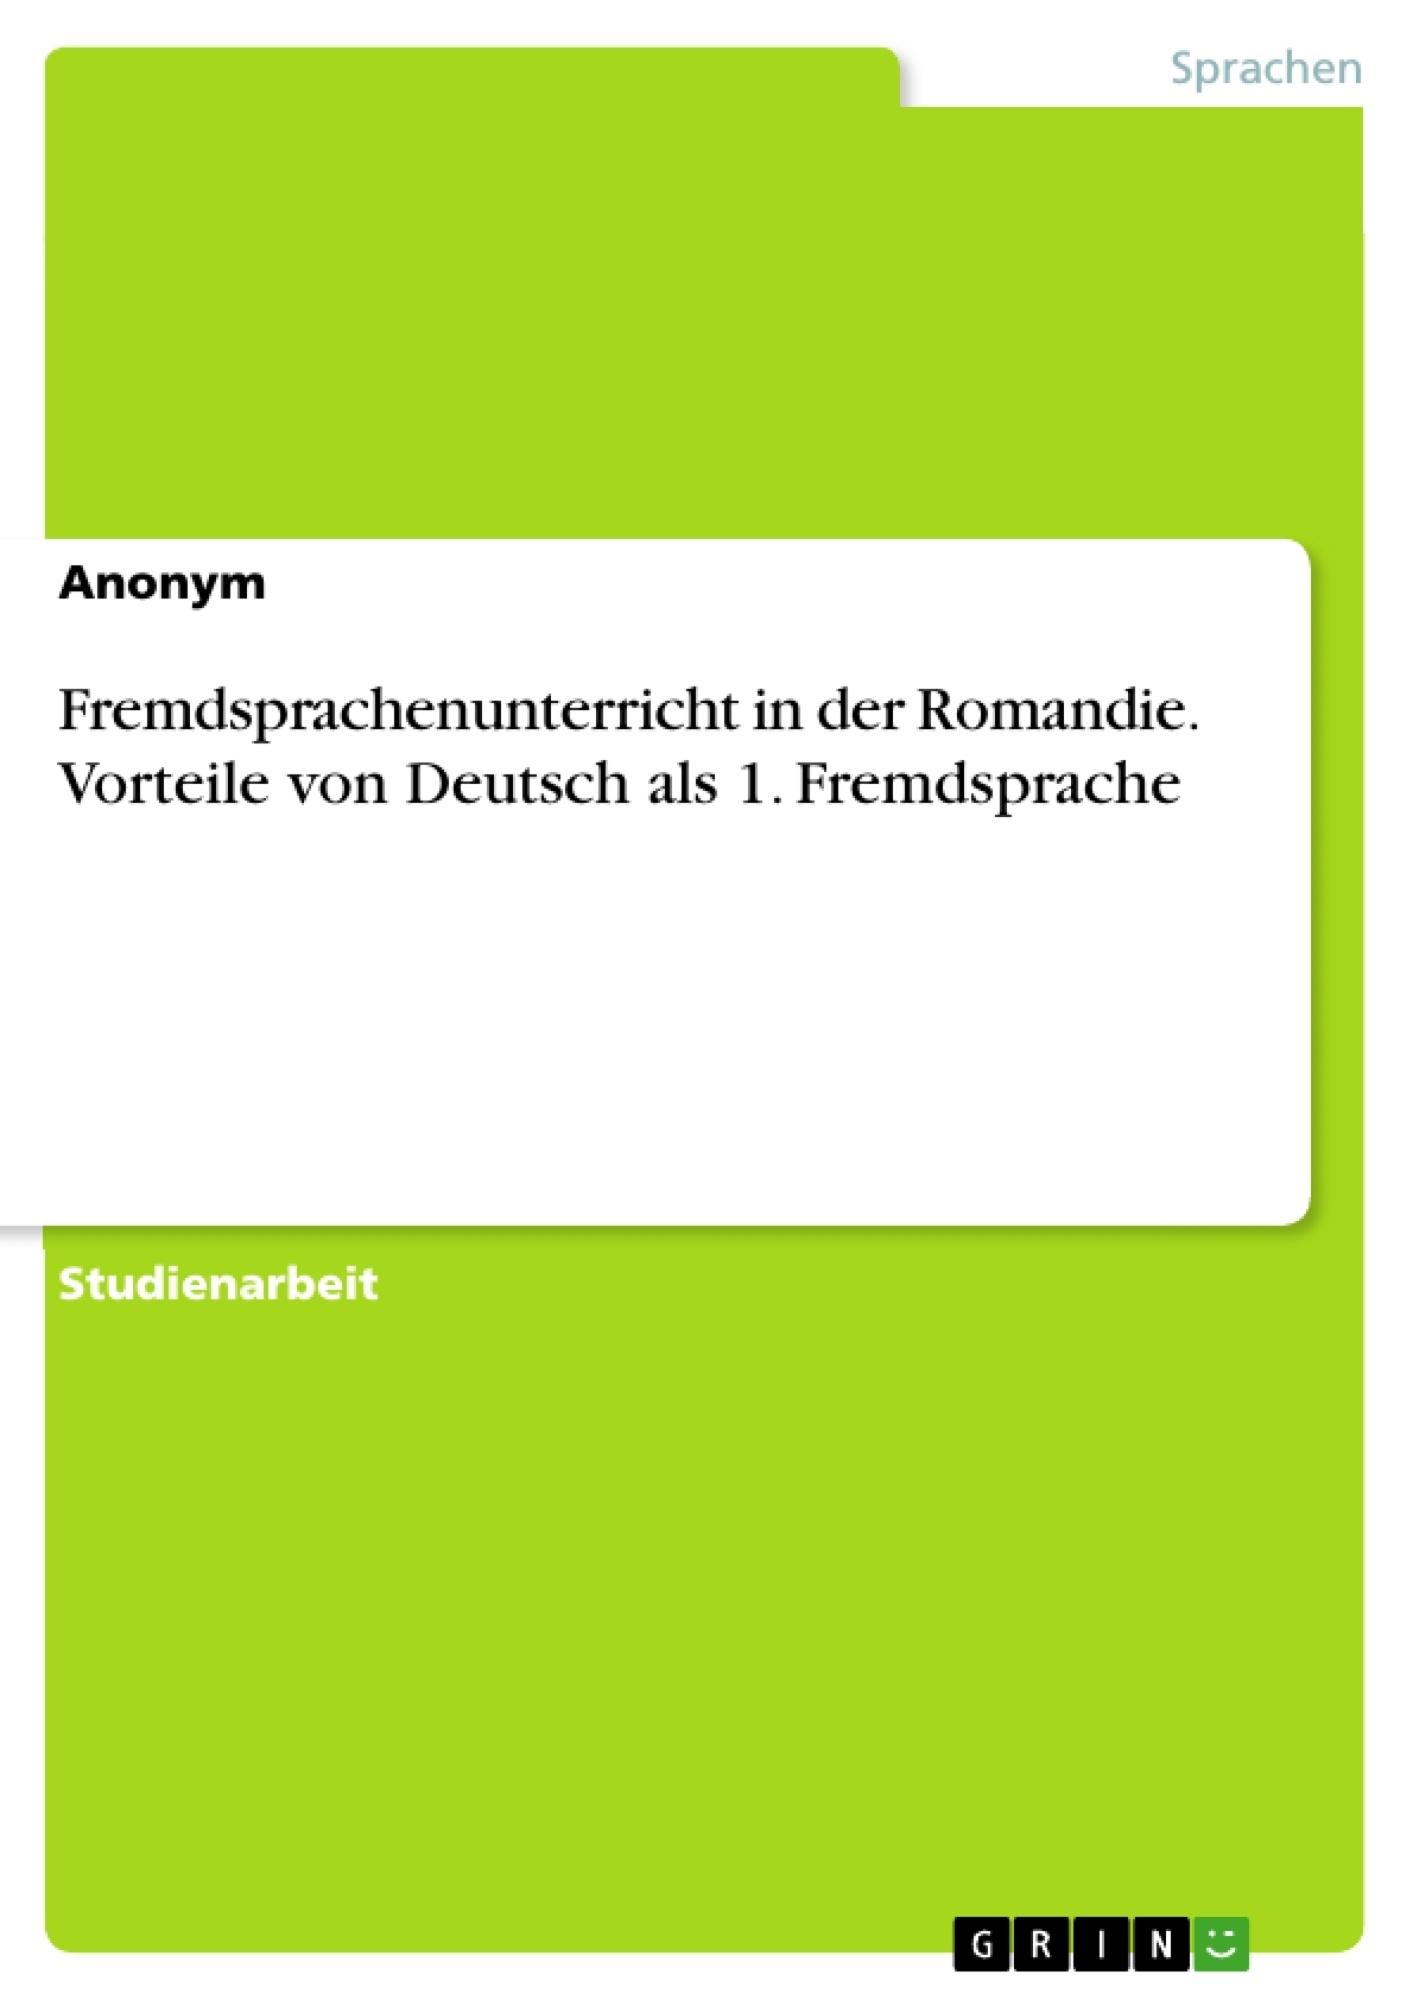 Titel: Fremdsprachenunterricht in der Romandie. Vorteile von Deutsch als 1. Fremdsprache